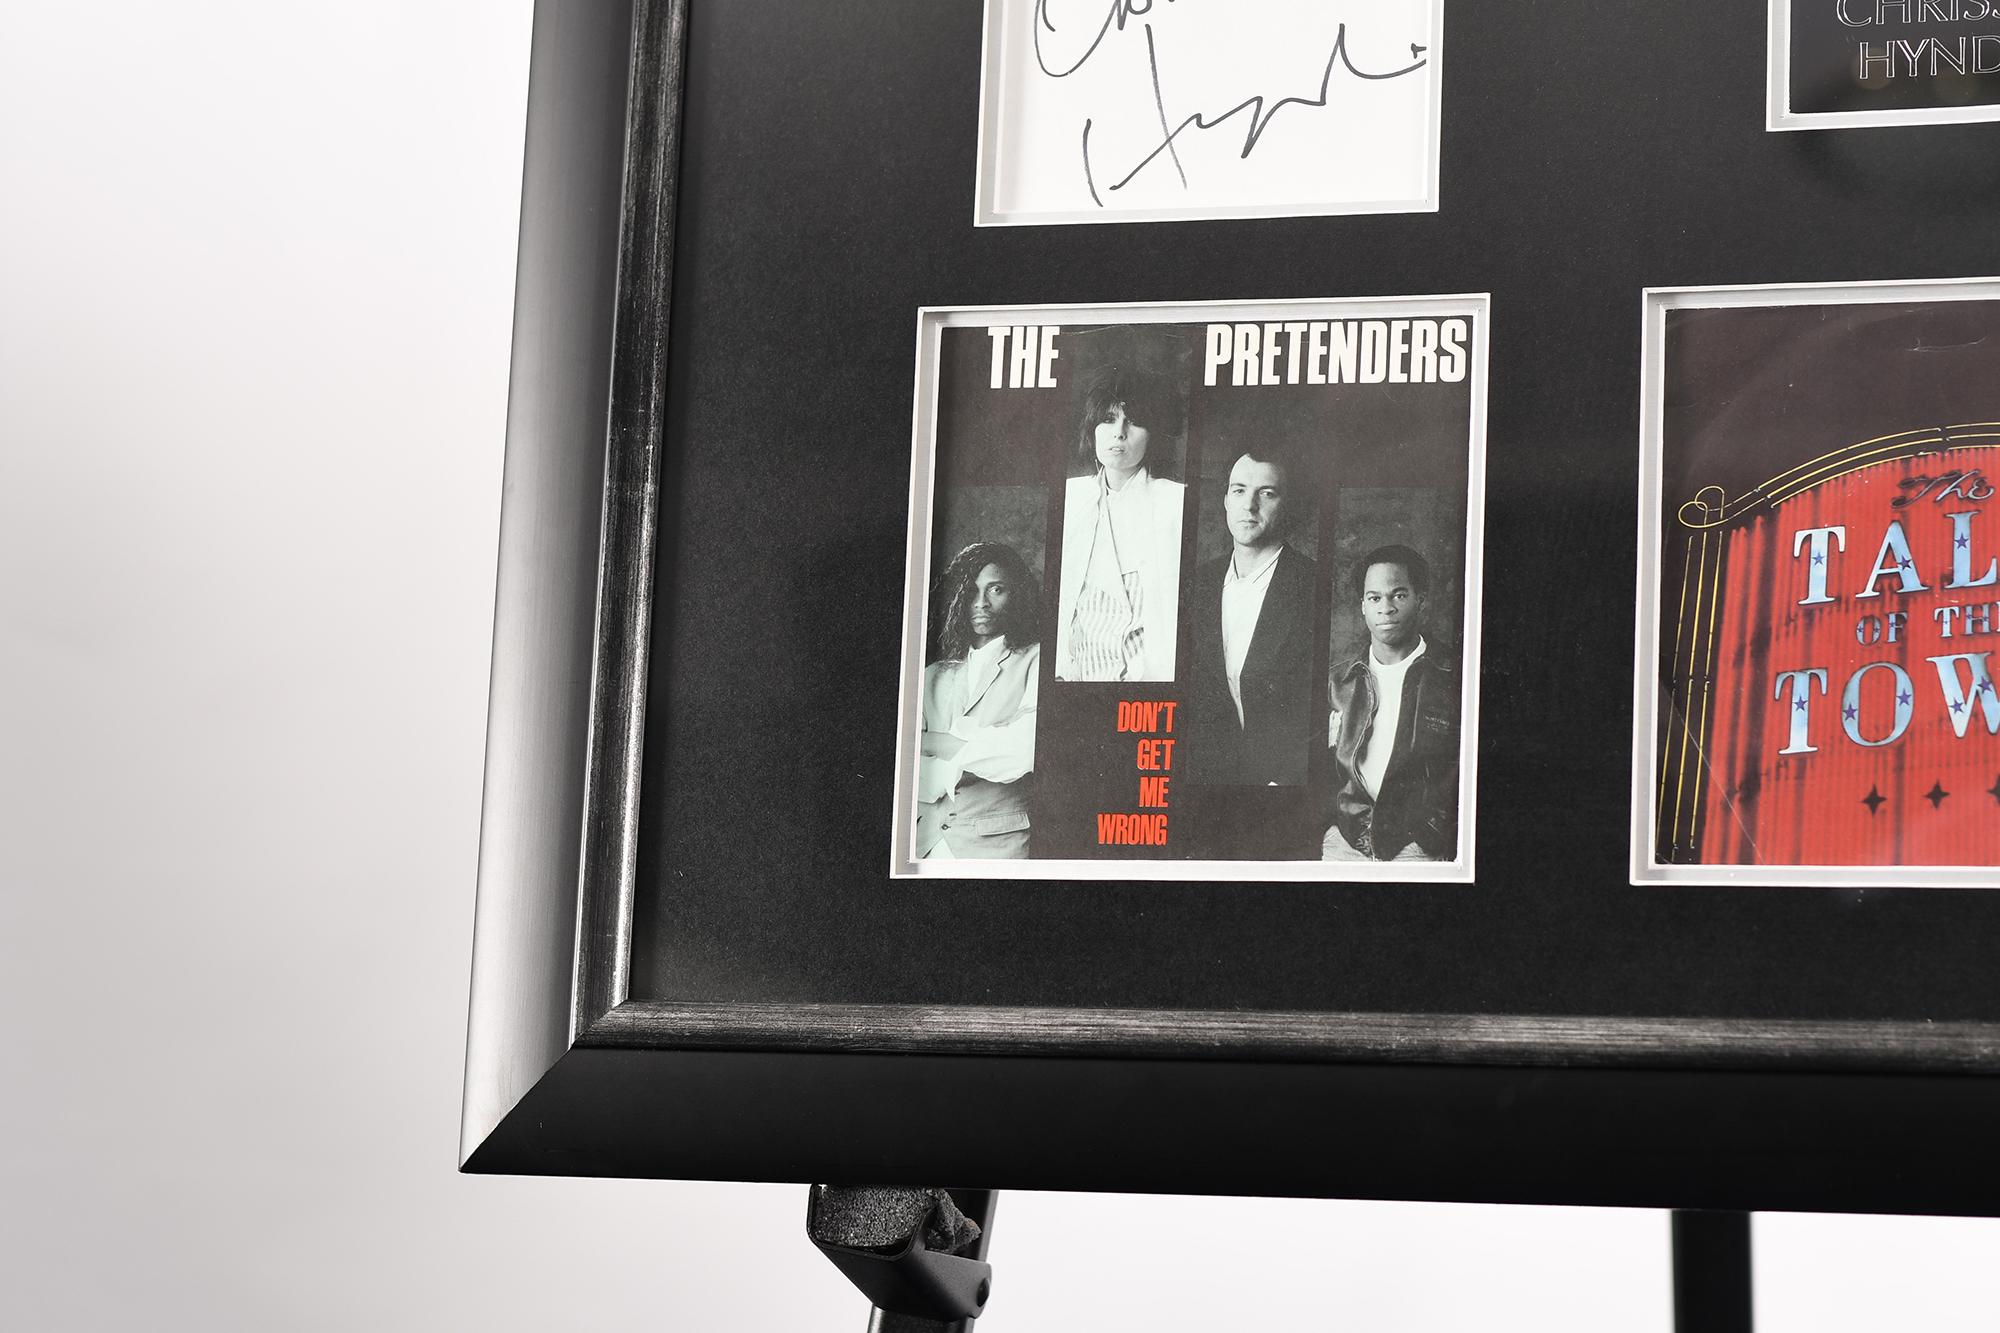 Framed Signed Chrissie Hynde Presentation - Image 4 of 4